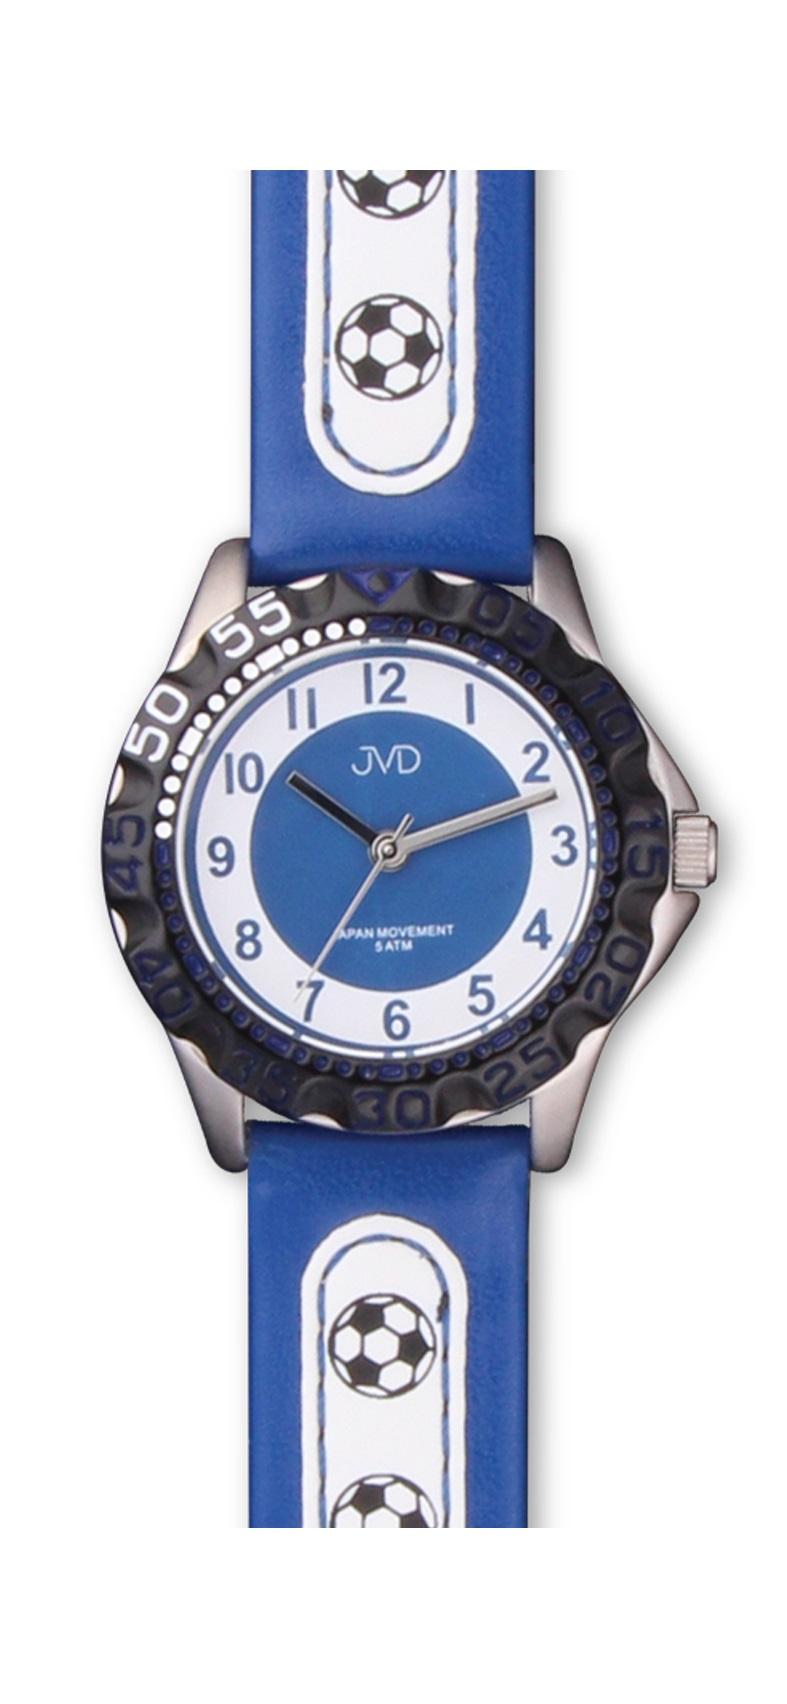 Fotbalové chlapecké sportovní hodinky JVD J7078.1 pro fotbalisty - 5ATM (pro malé fotbalisty - modré)